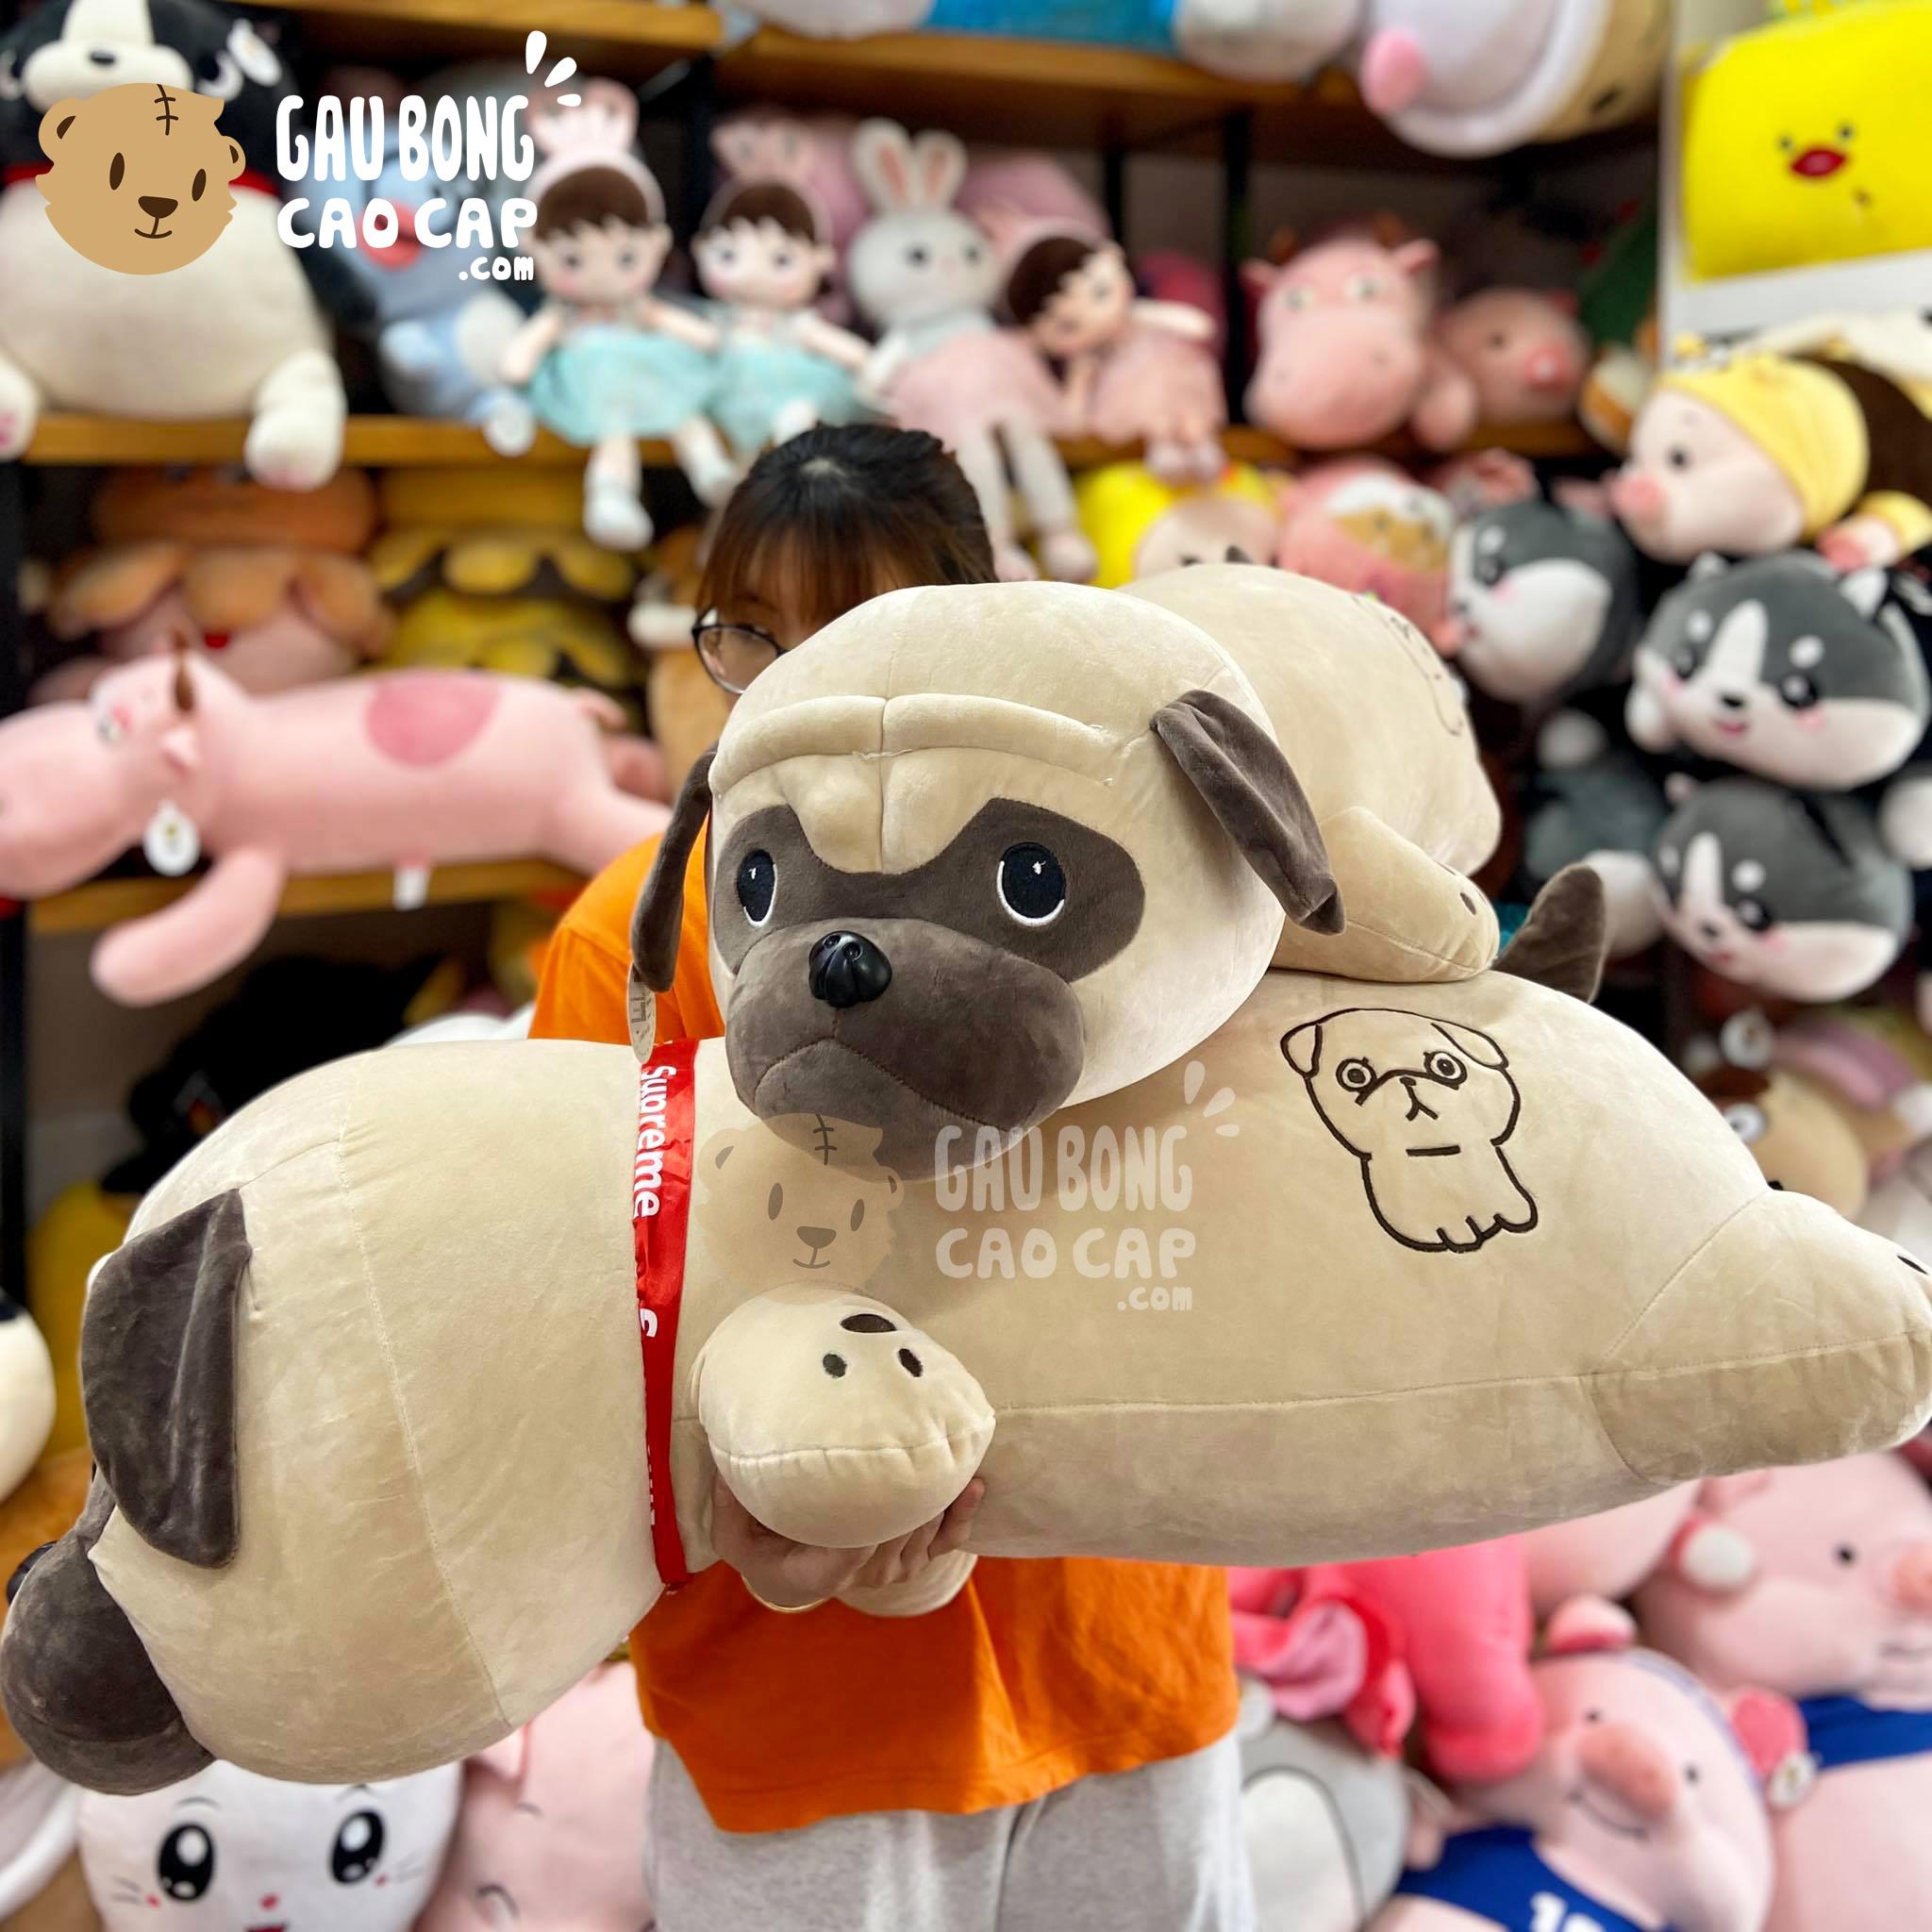 Chó bông mặt xệ nằm lông mịn mông thêu hình Chó